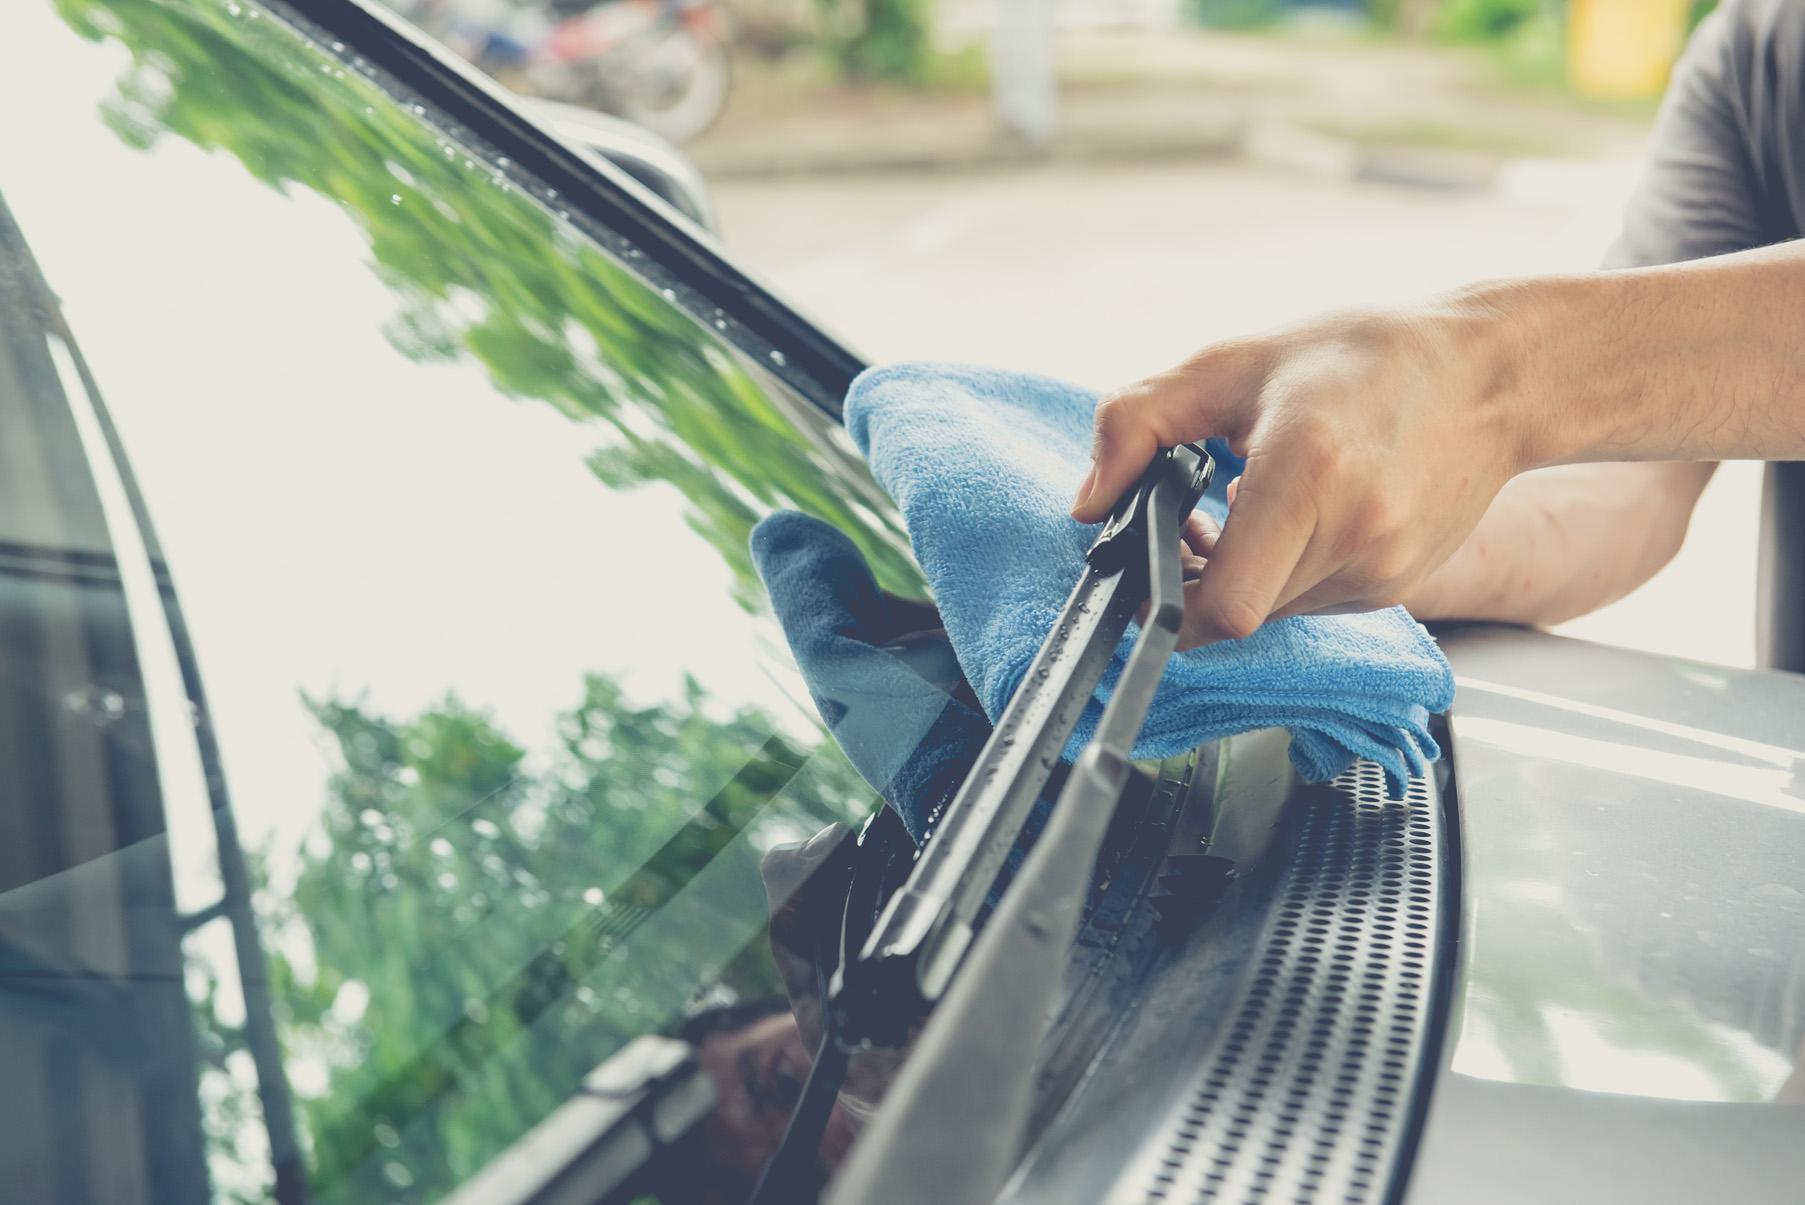 Mantenimiento del limpiaparabrisas del coche